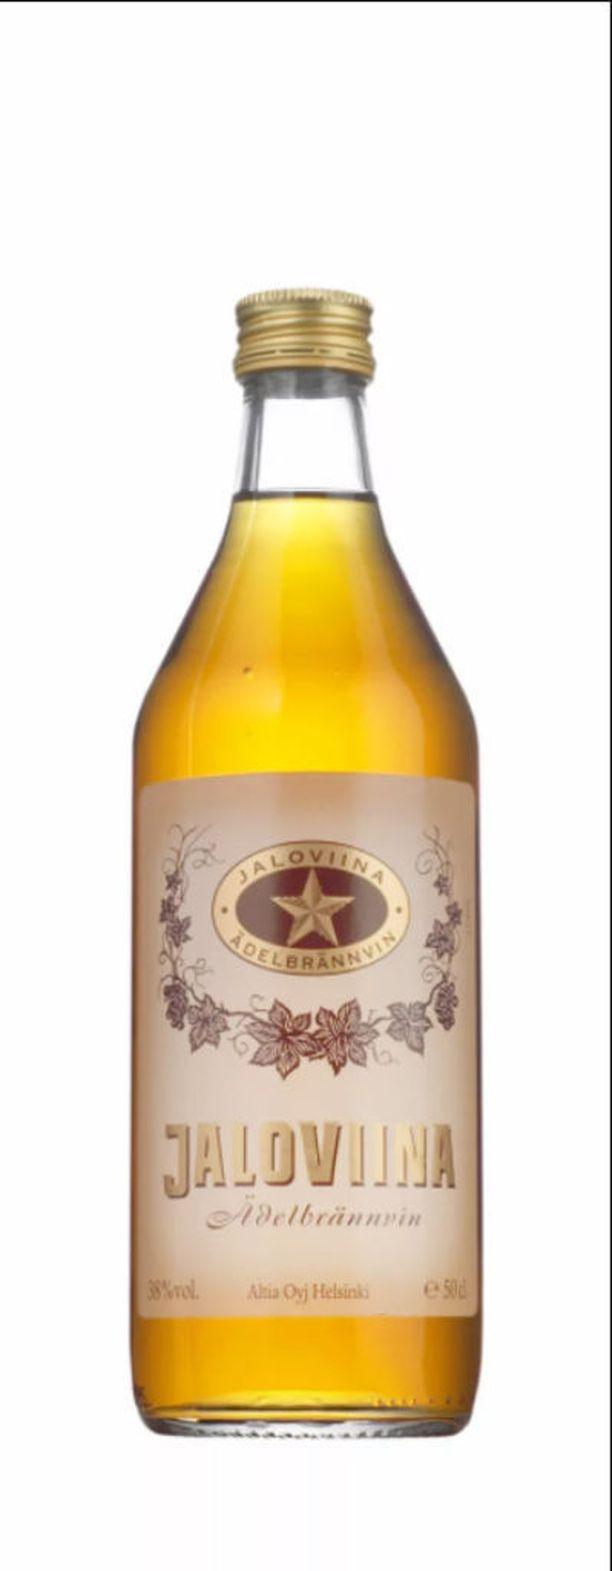 Pikkupullossa viinan litrahinta voi kivuta pilviin - Alko selittää eroa pullottamisella ja ...